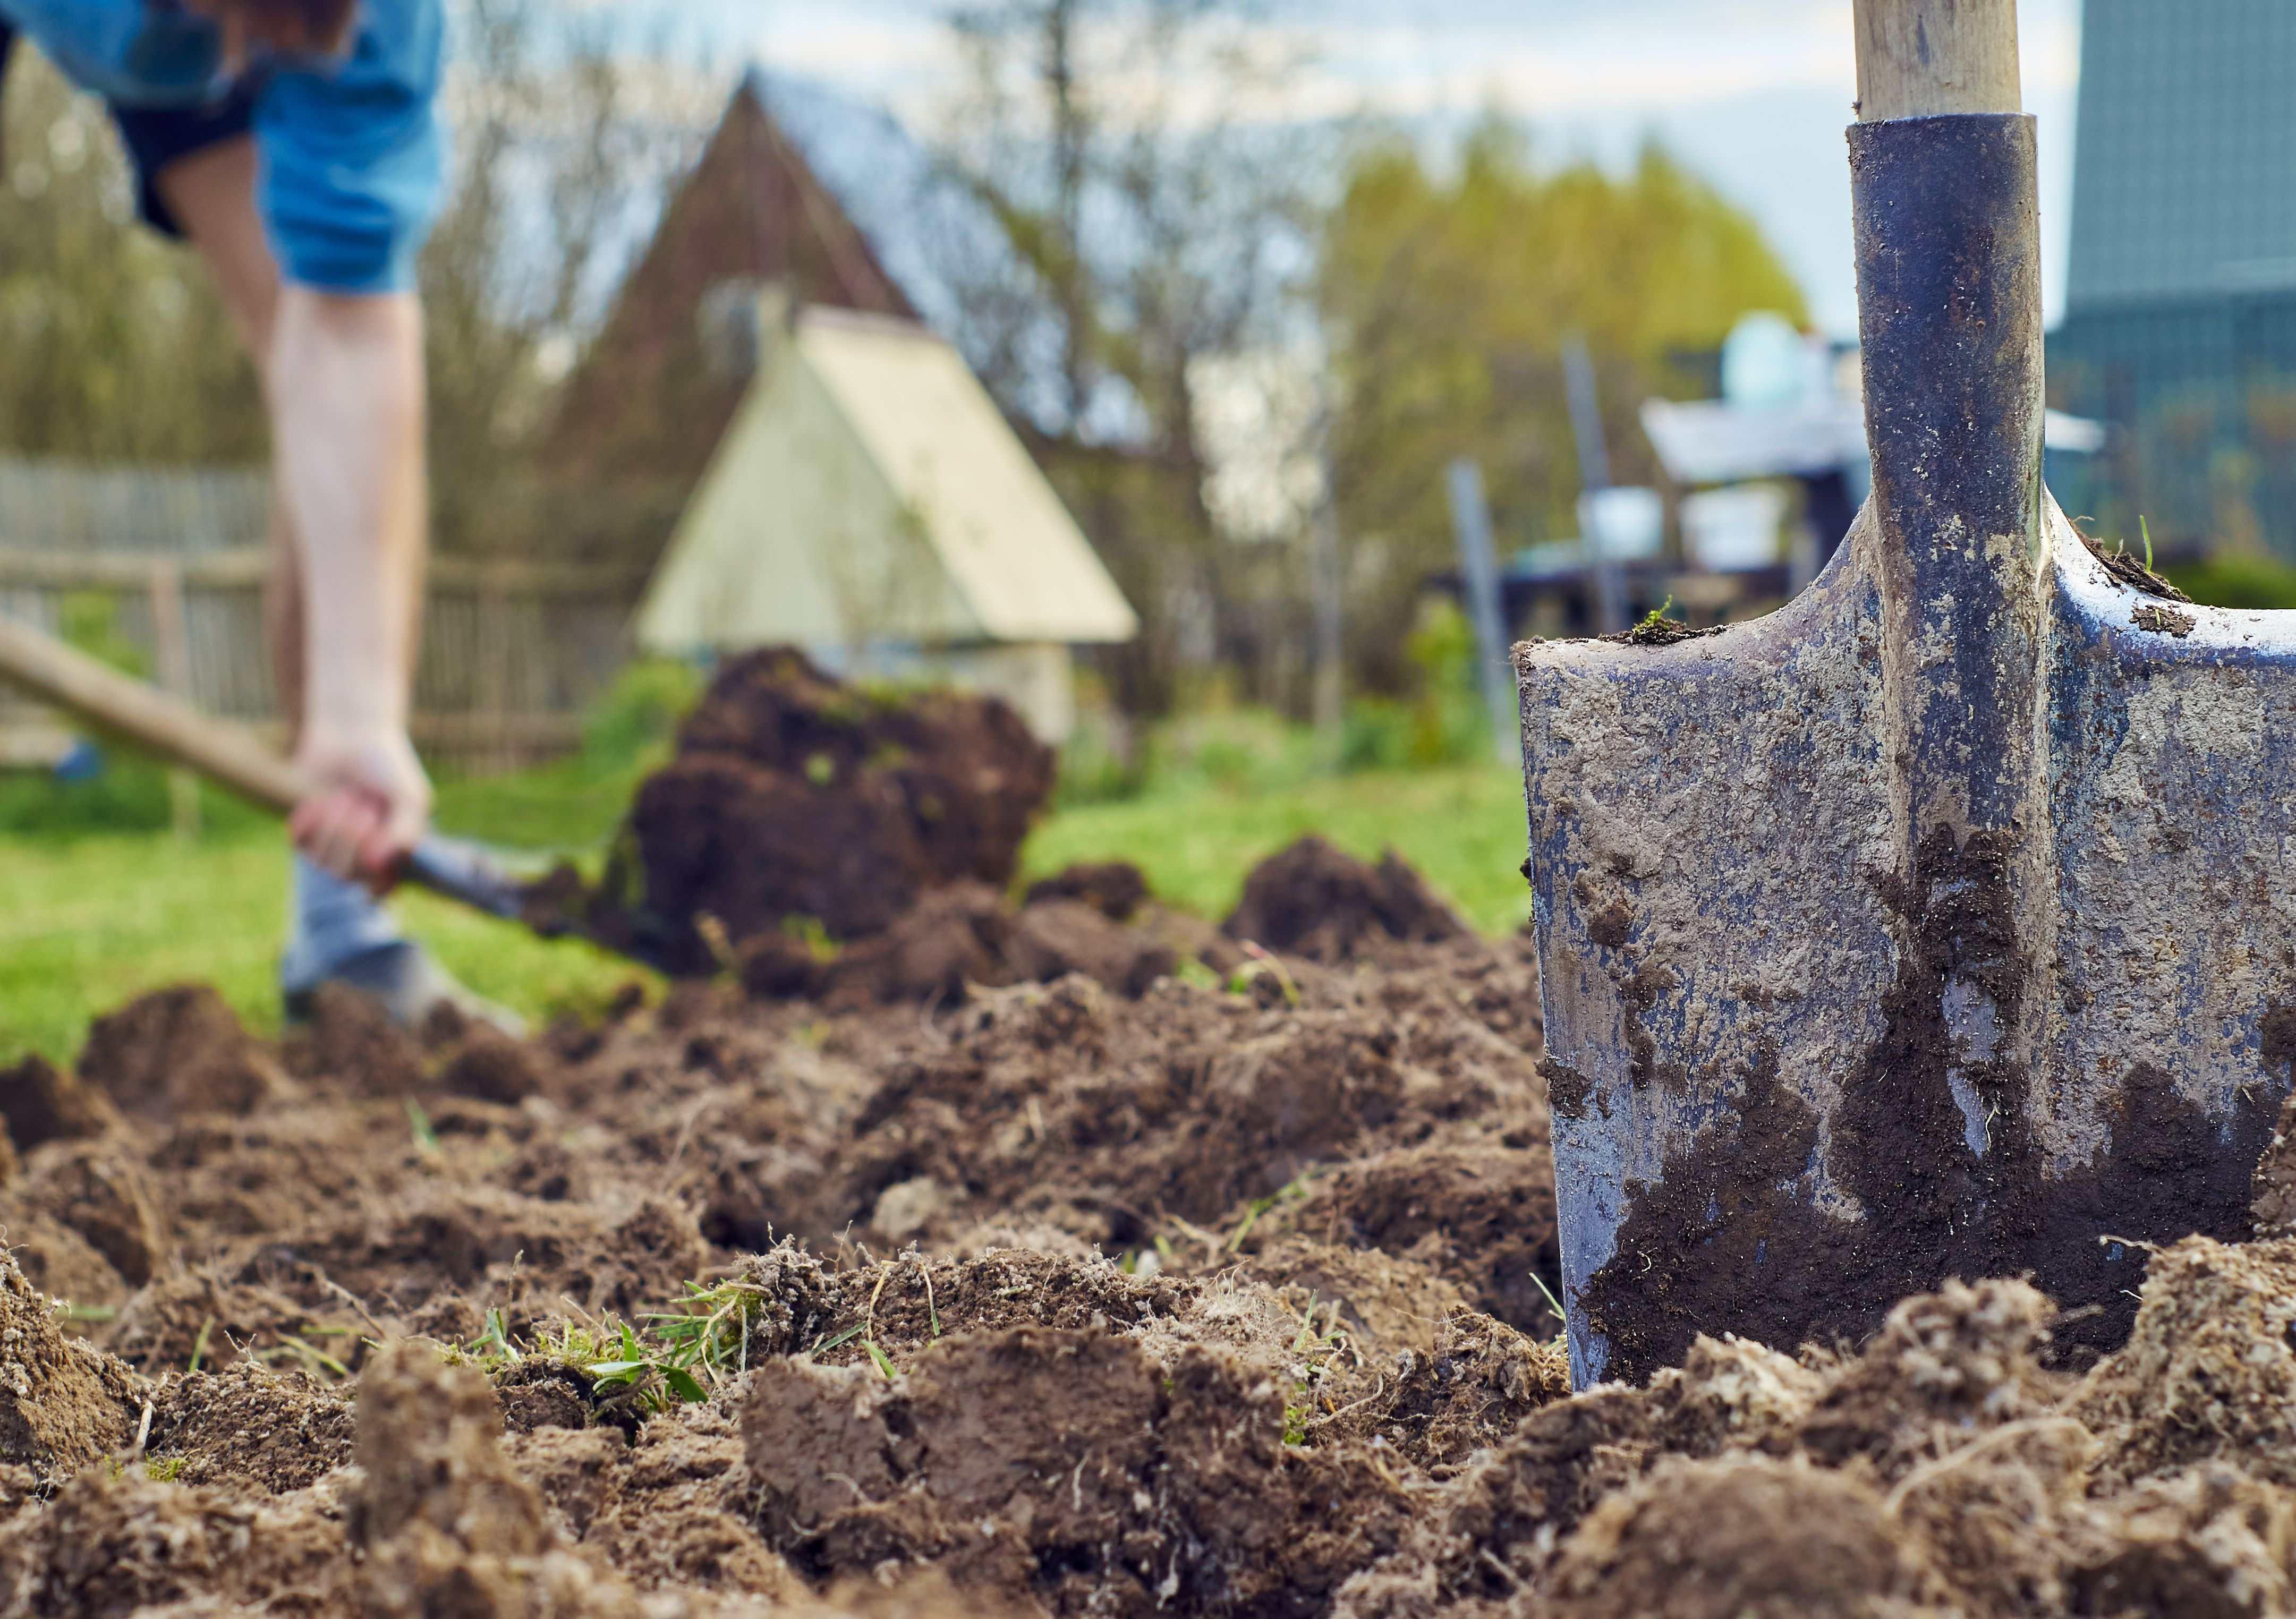 Cómo elegir las herramientas para trabajar la tierra